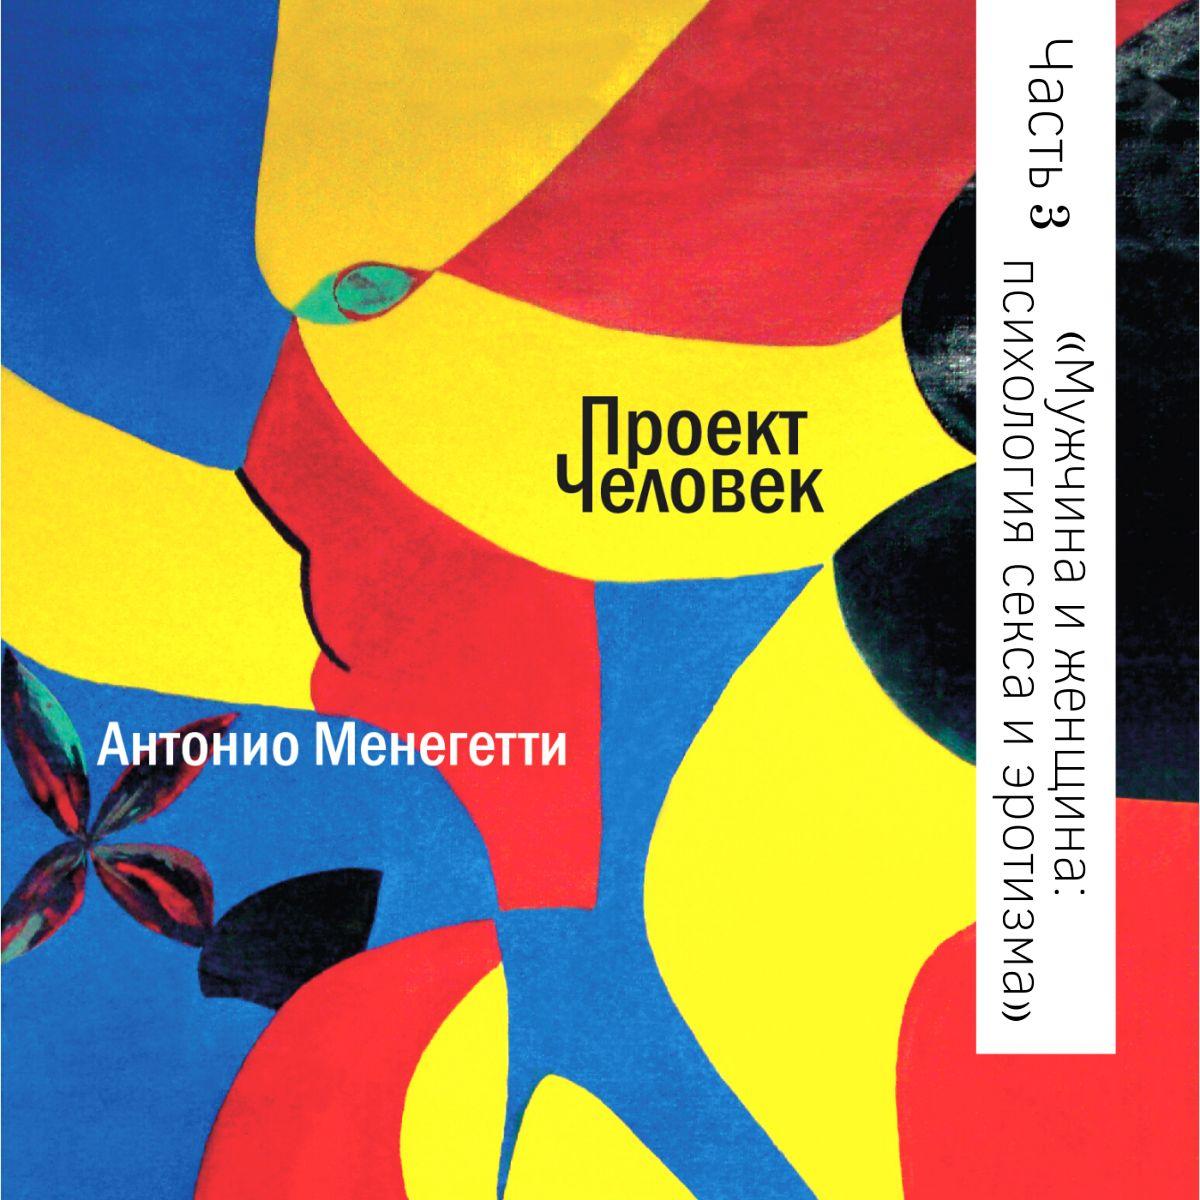 Купить книгу Мужчина и женщина: психология секса и эротизма, автора Антонио Менегетти